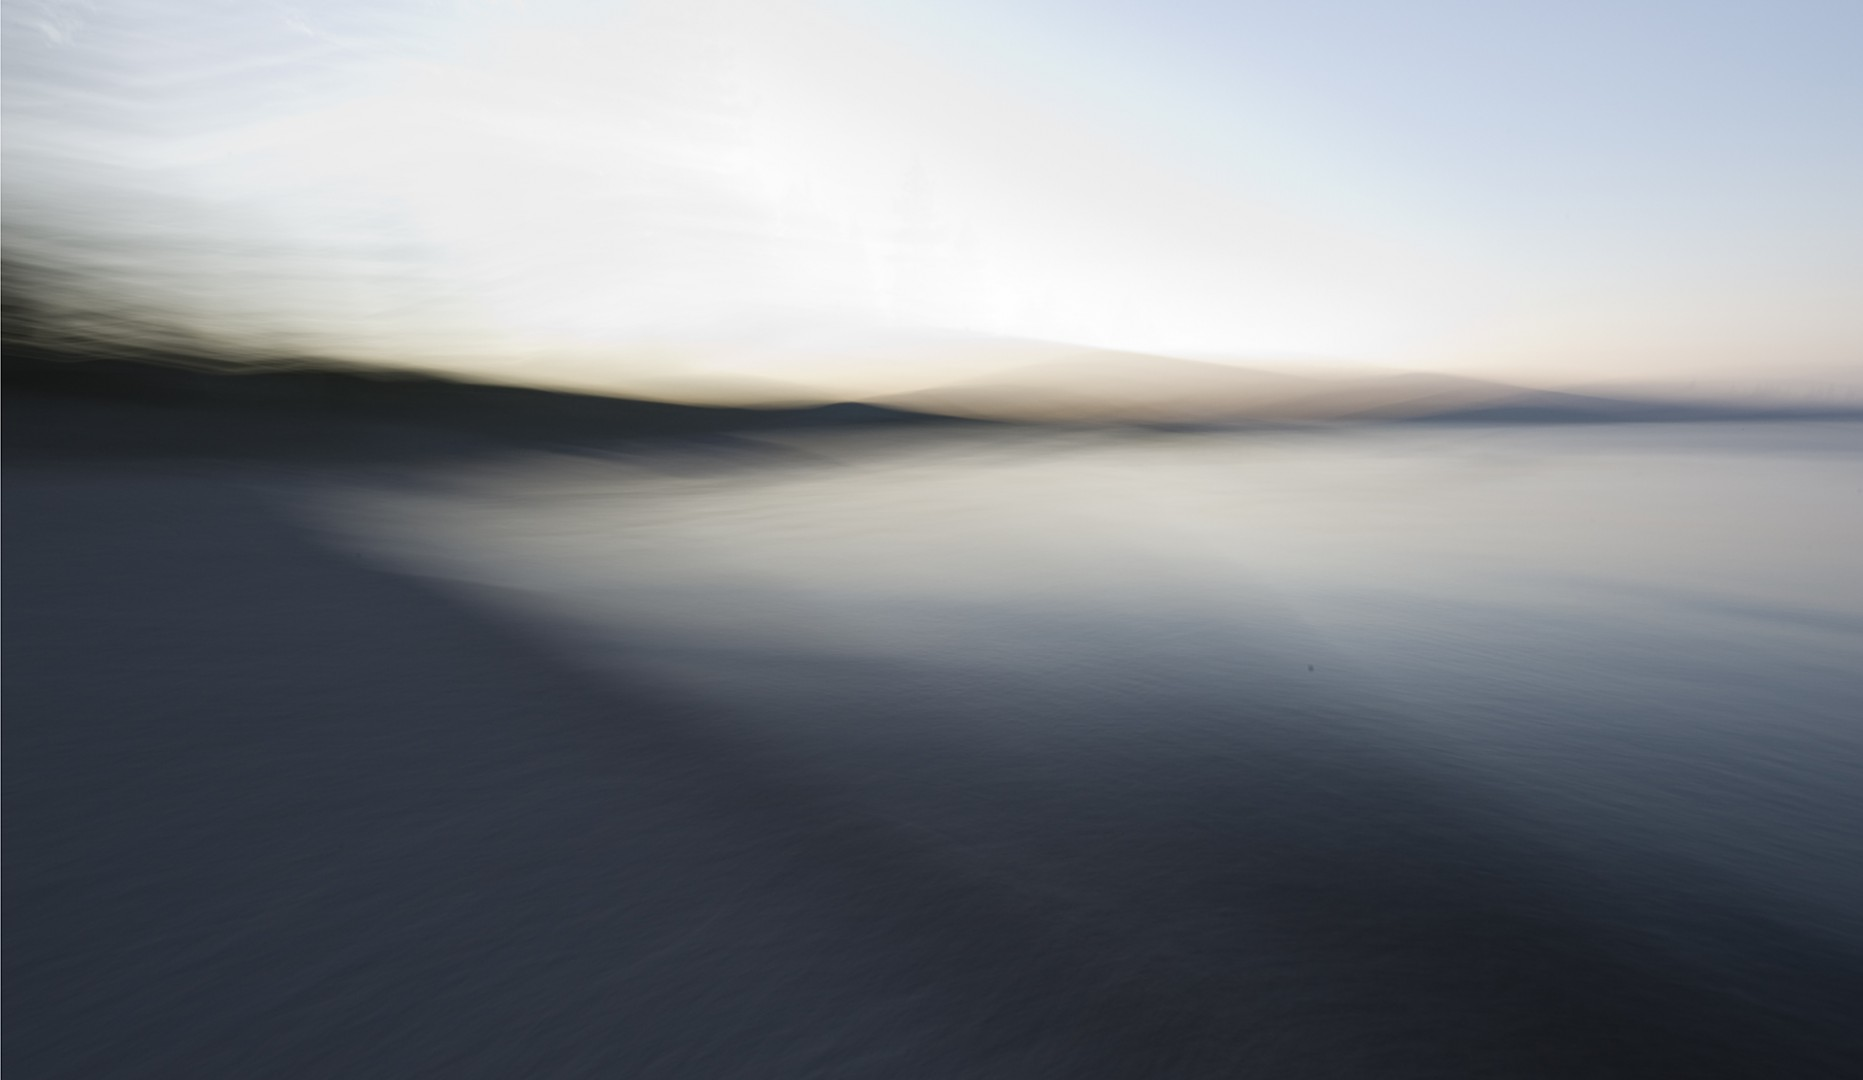 blurred-lake